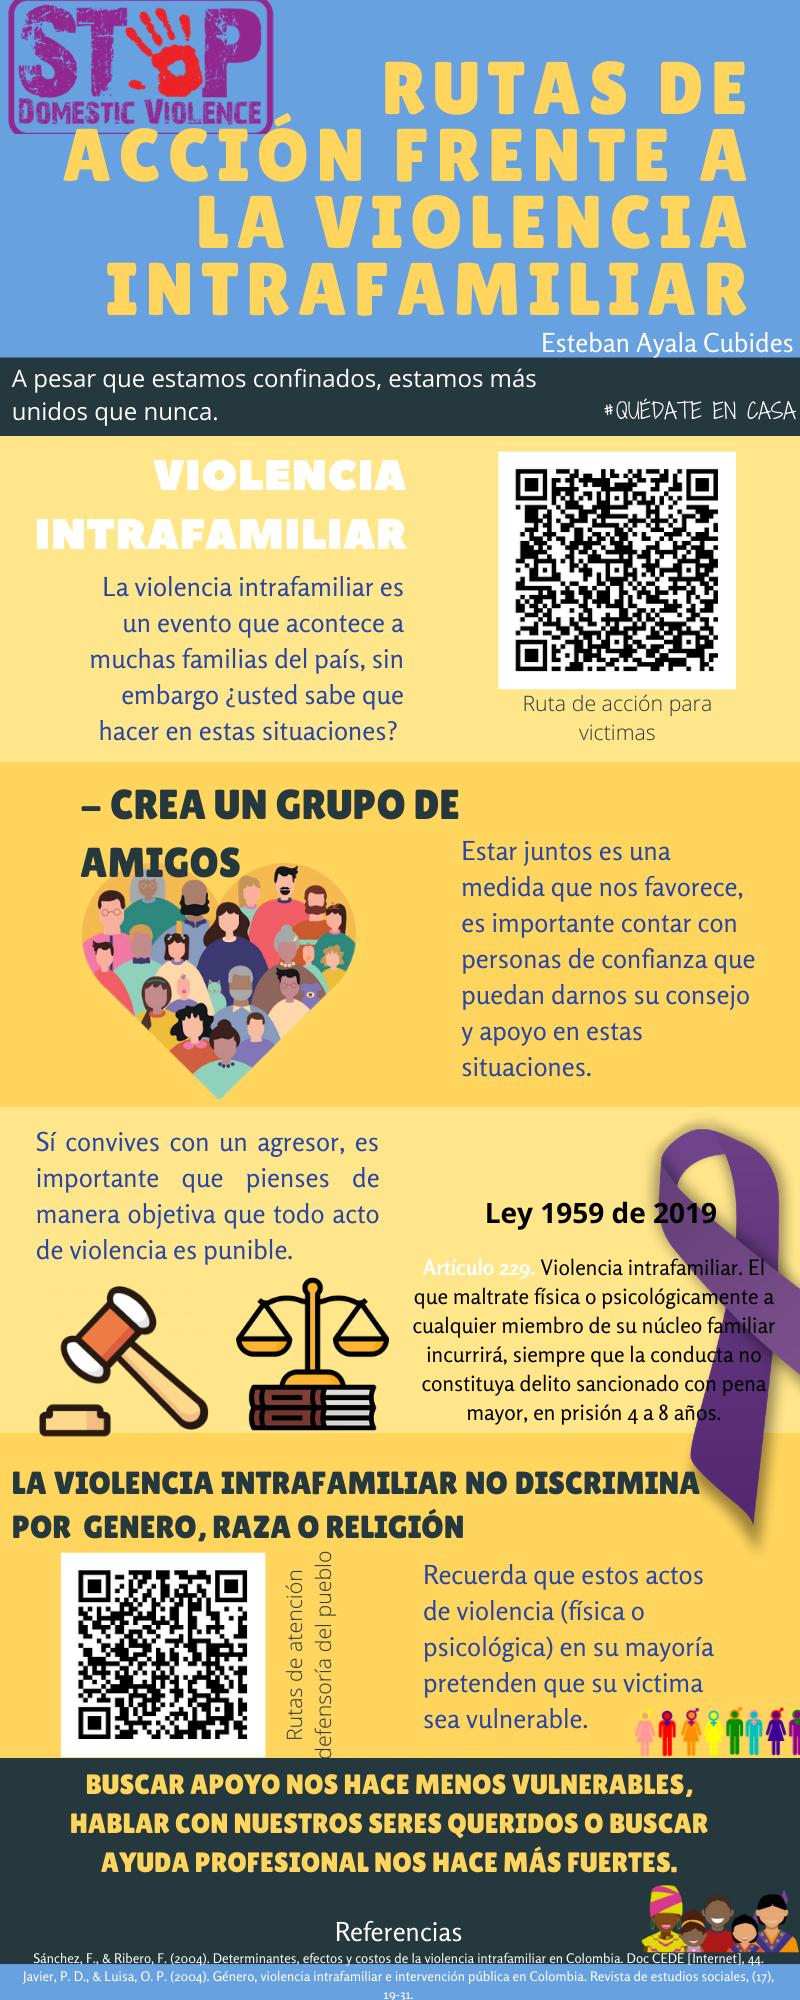 RUTAS DE ATENCIÓN Y HERRAMIENTAS DE RELAJACIÓN